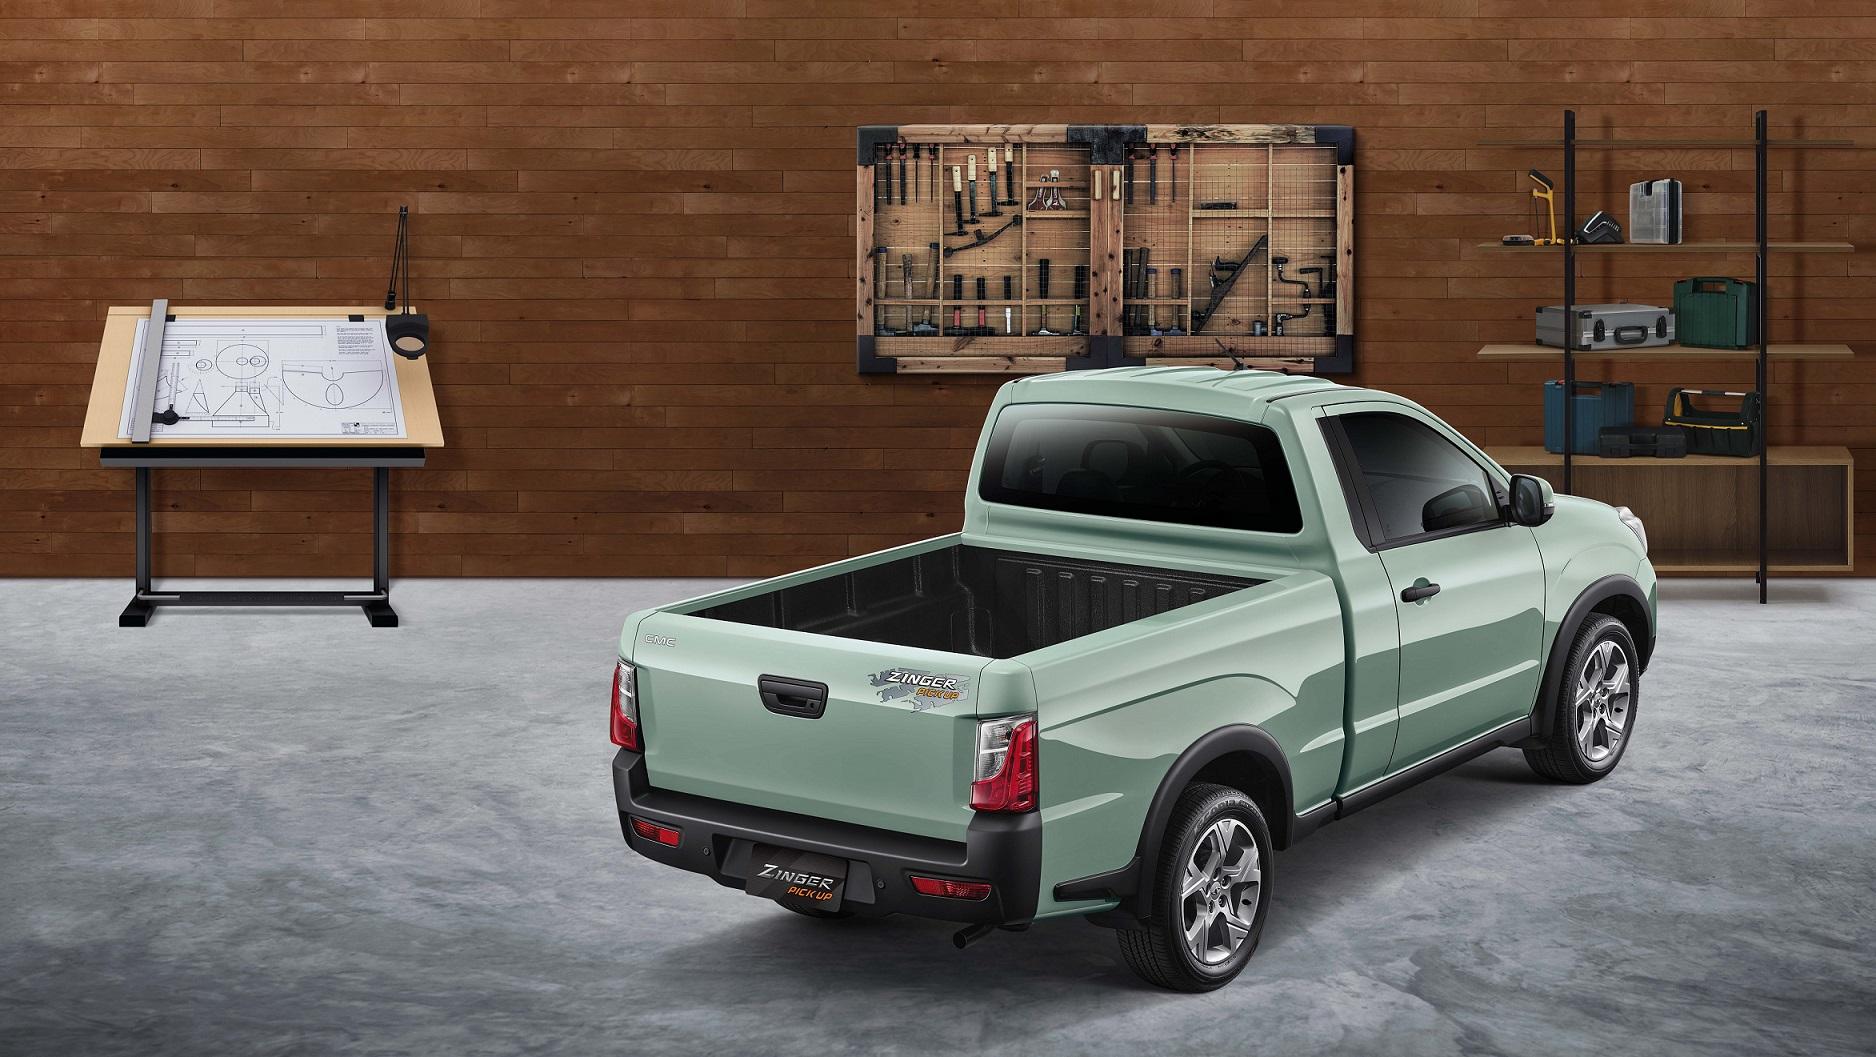 中華 Zinger Pick Up 上下貨更便利,雙車型 61.9 萬起